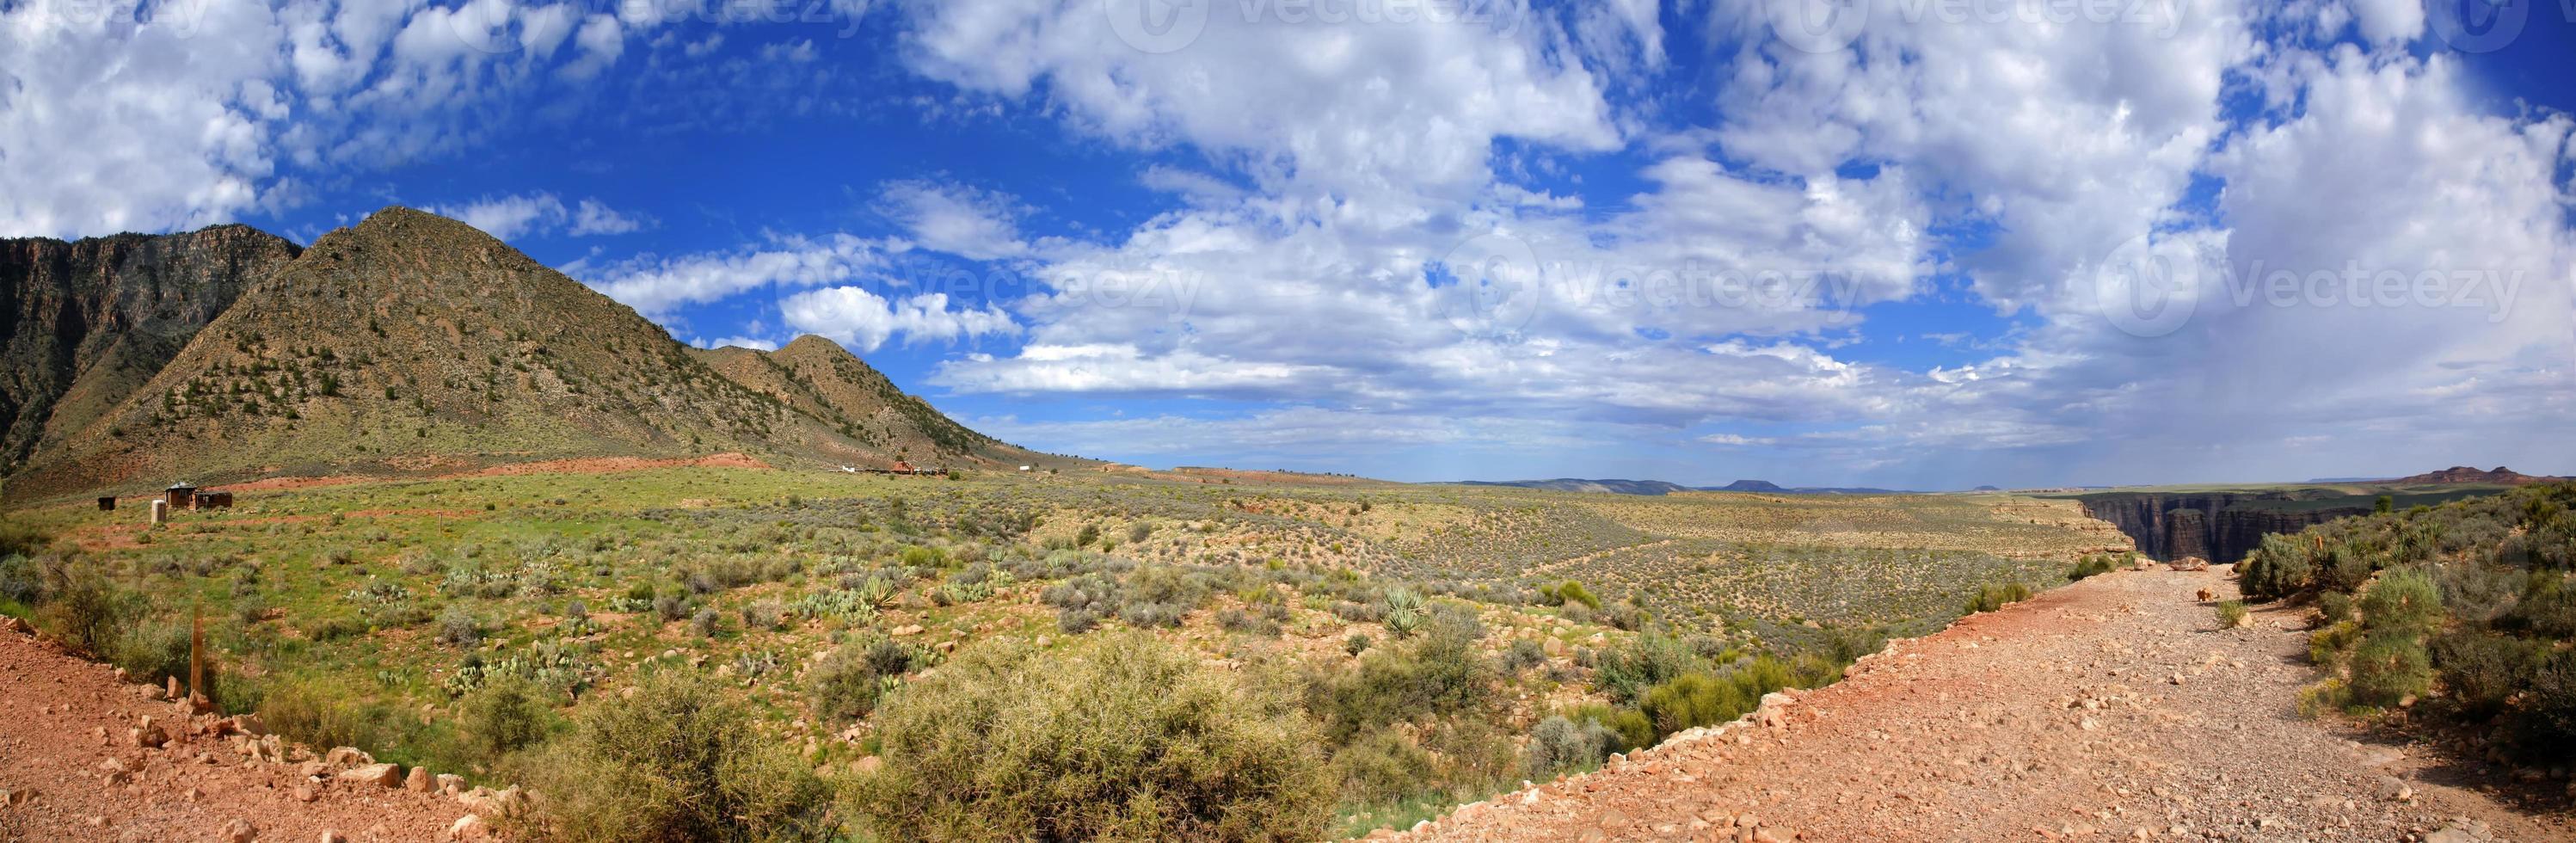 Arizona Wüste - USA foto